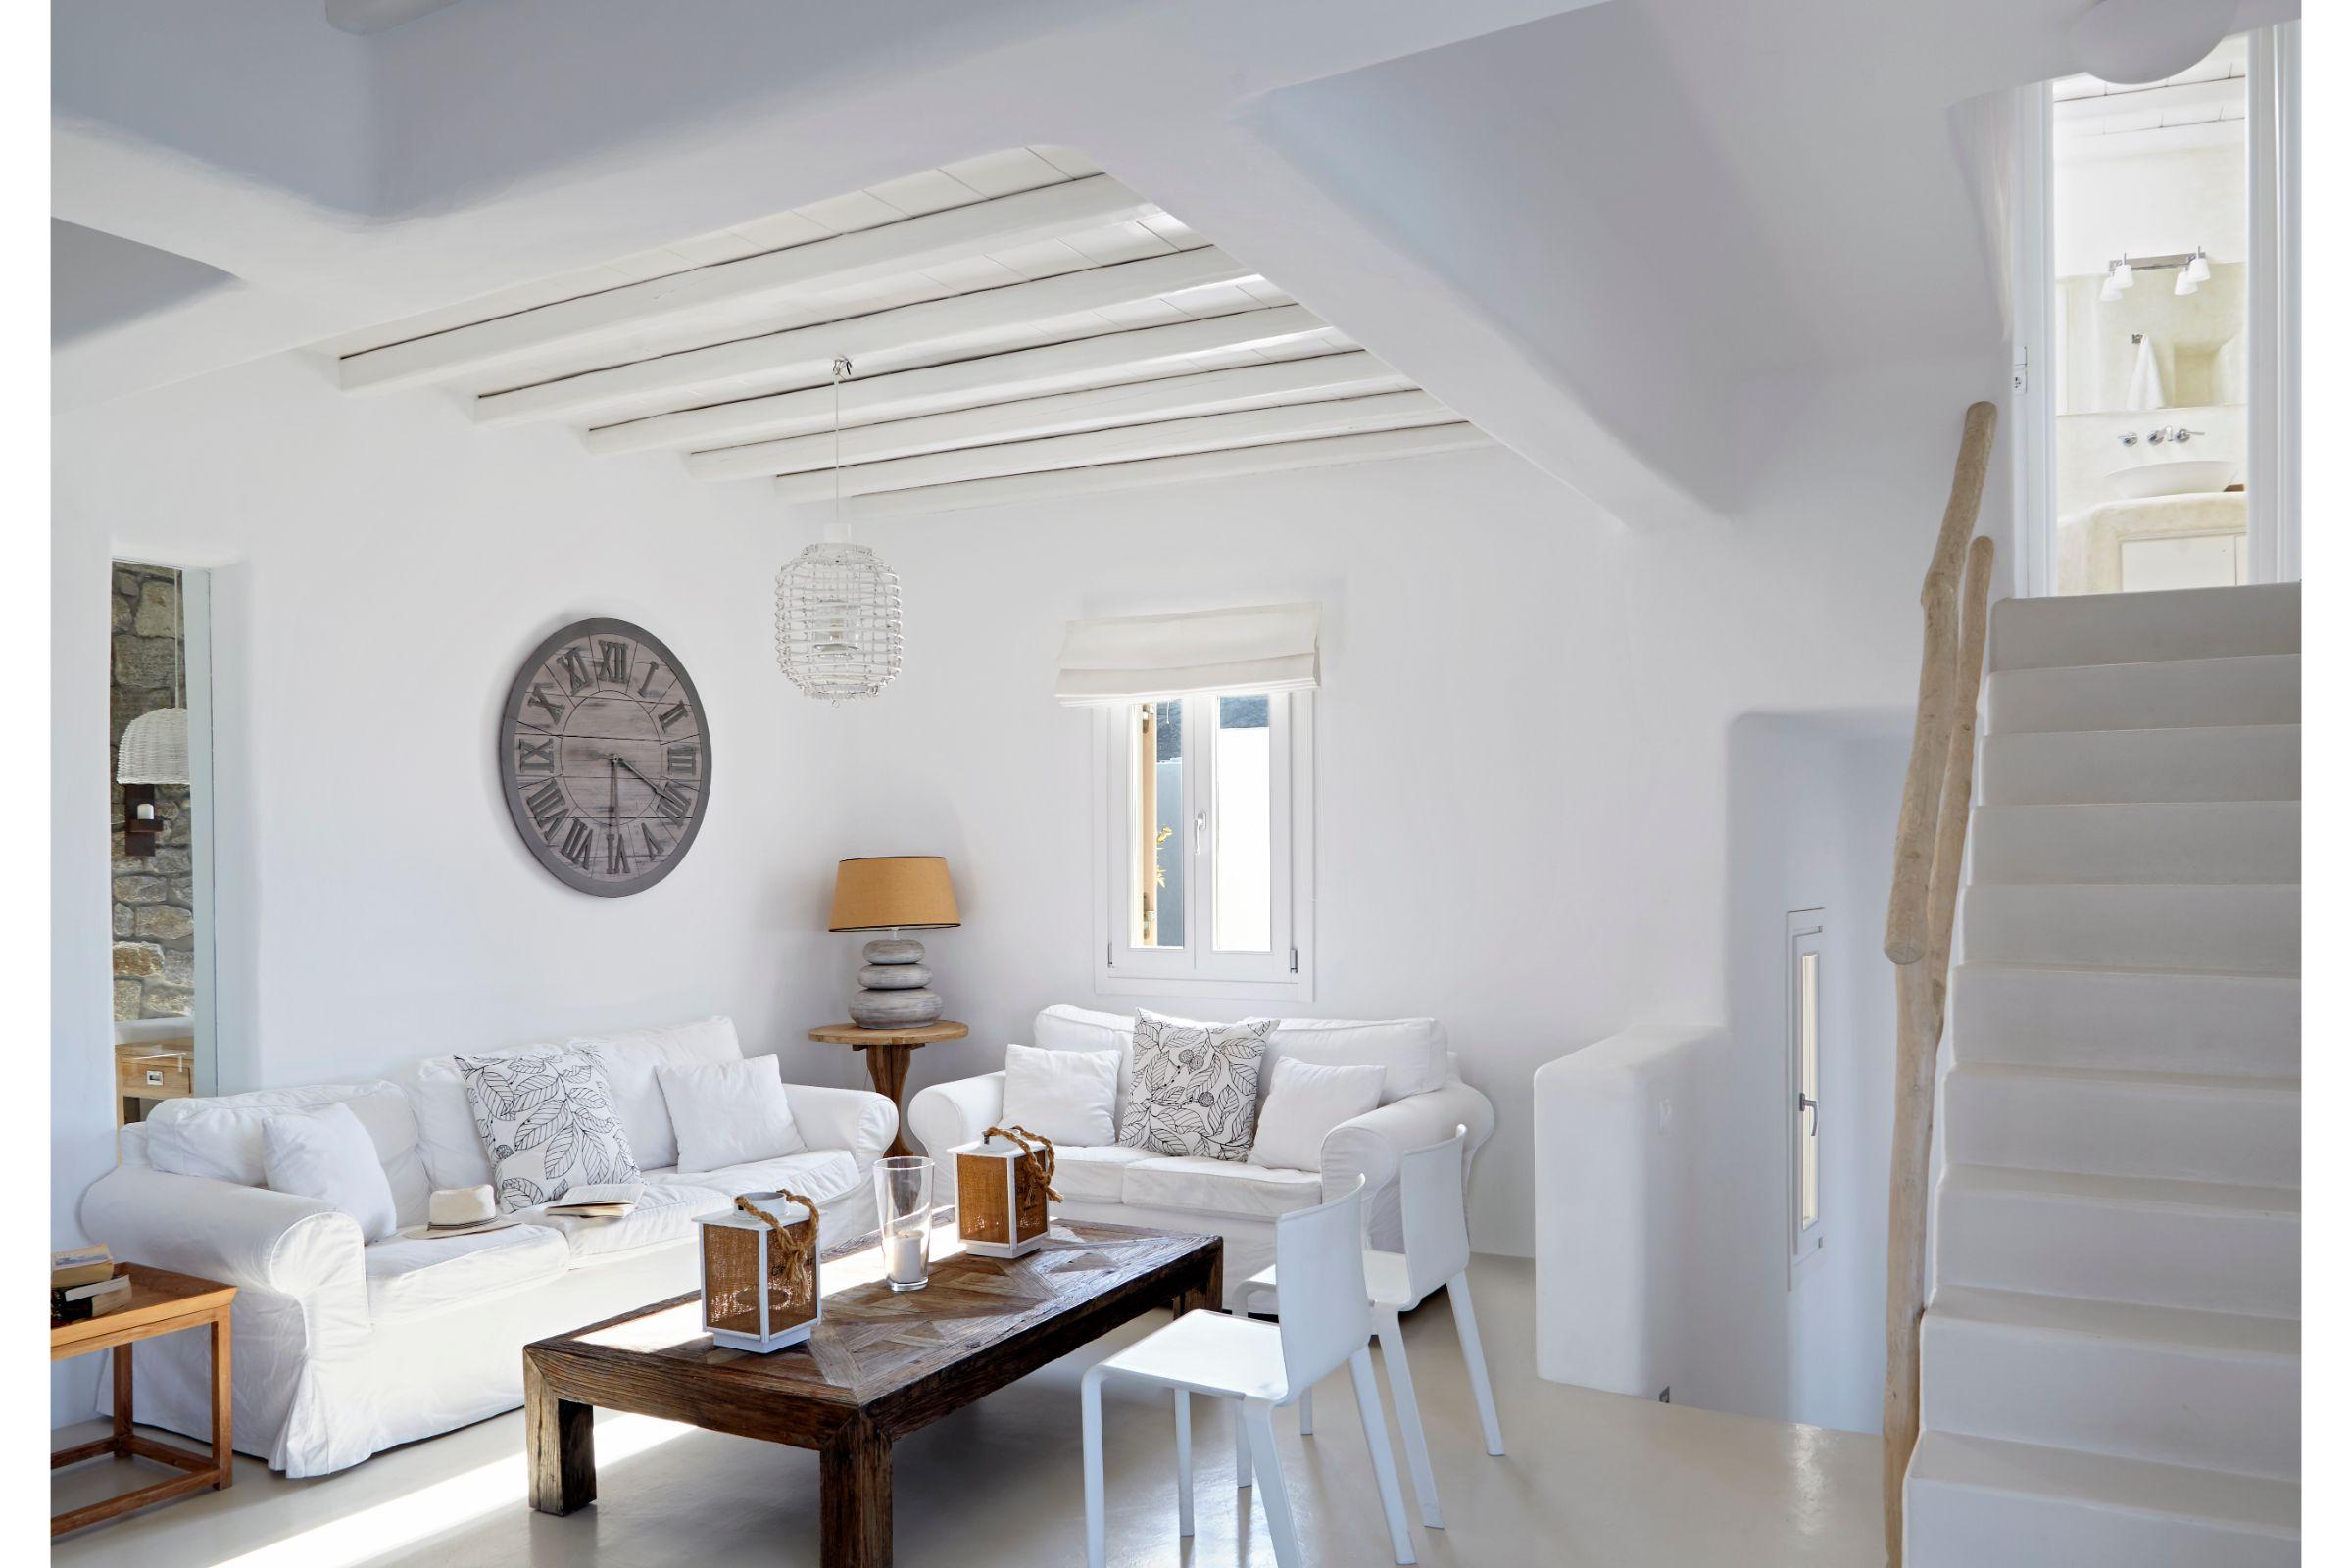 villa geni elia living area